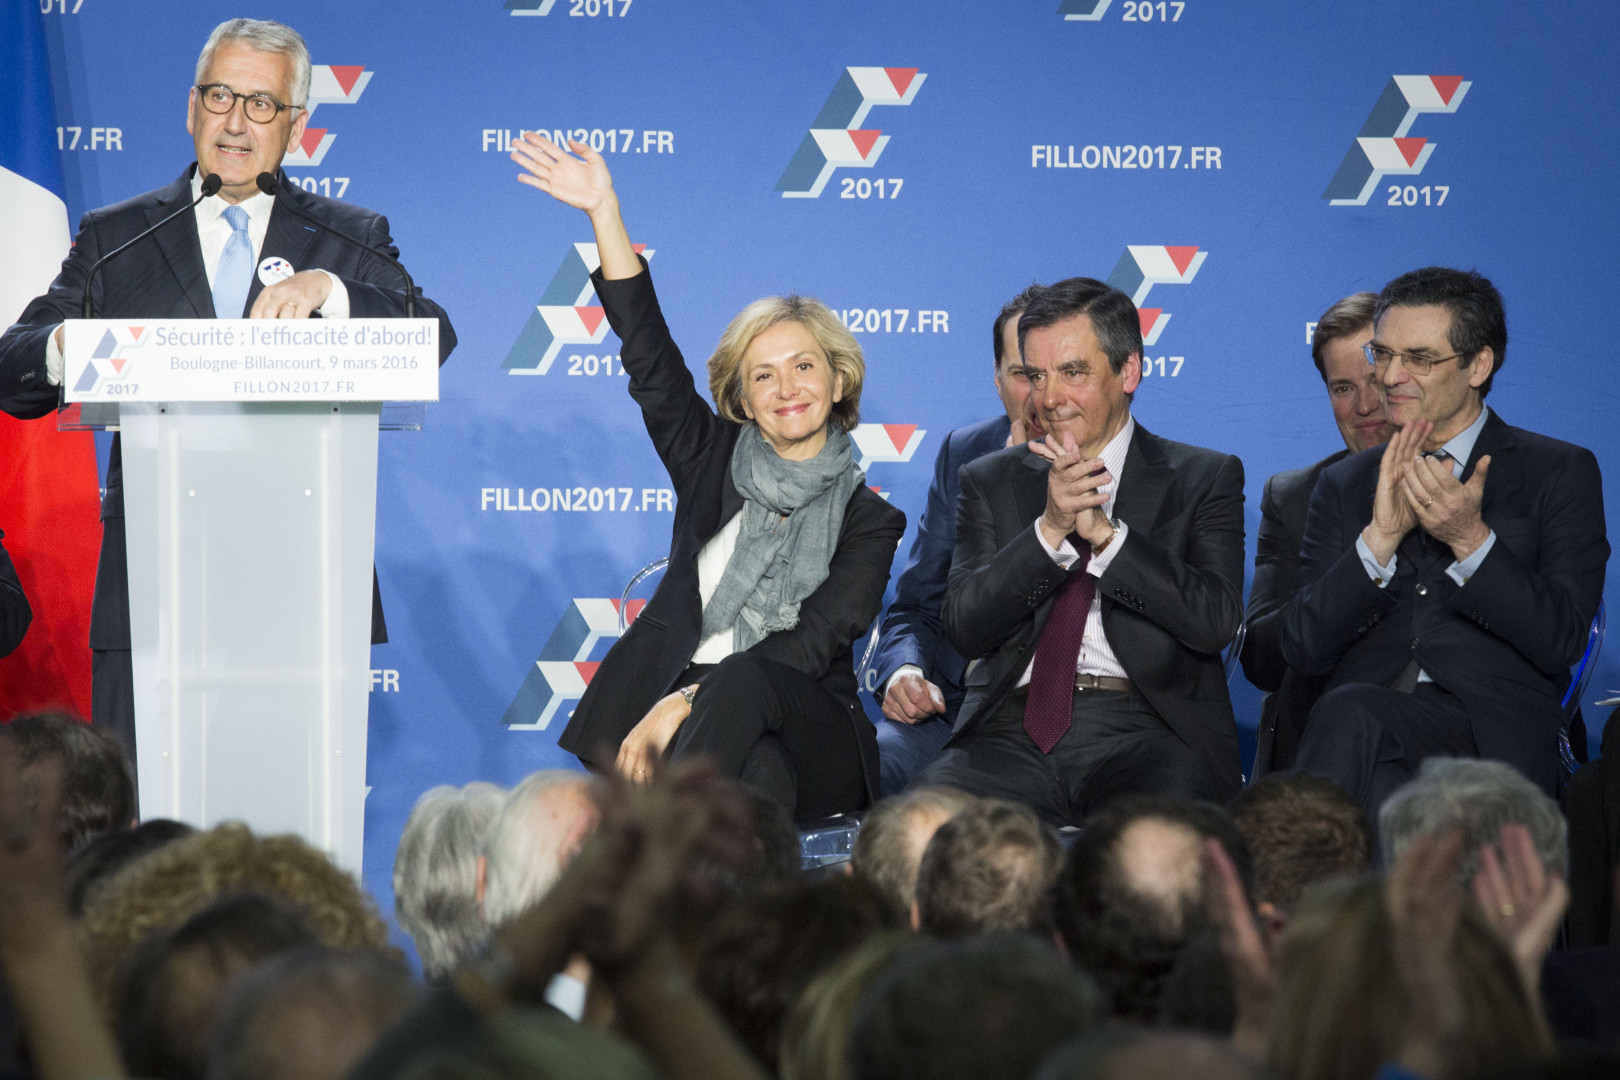 Valérie Pécresse et François Fillon, le 9 mars 2016